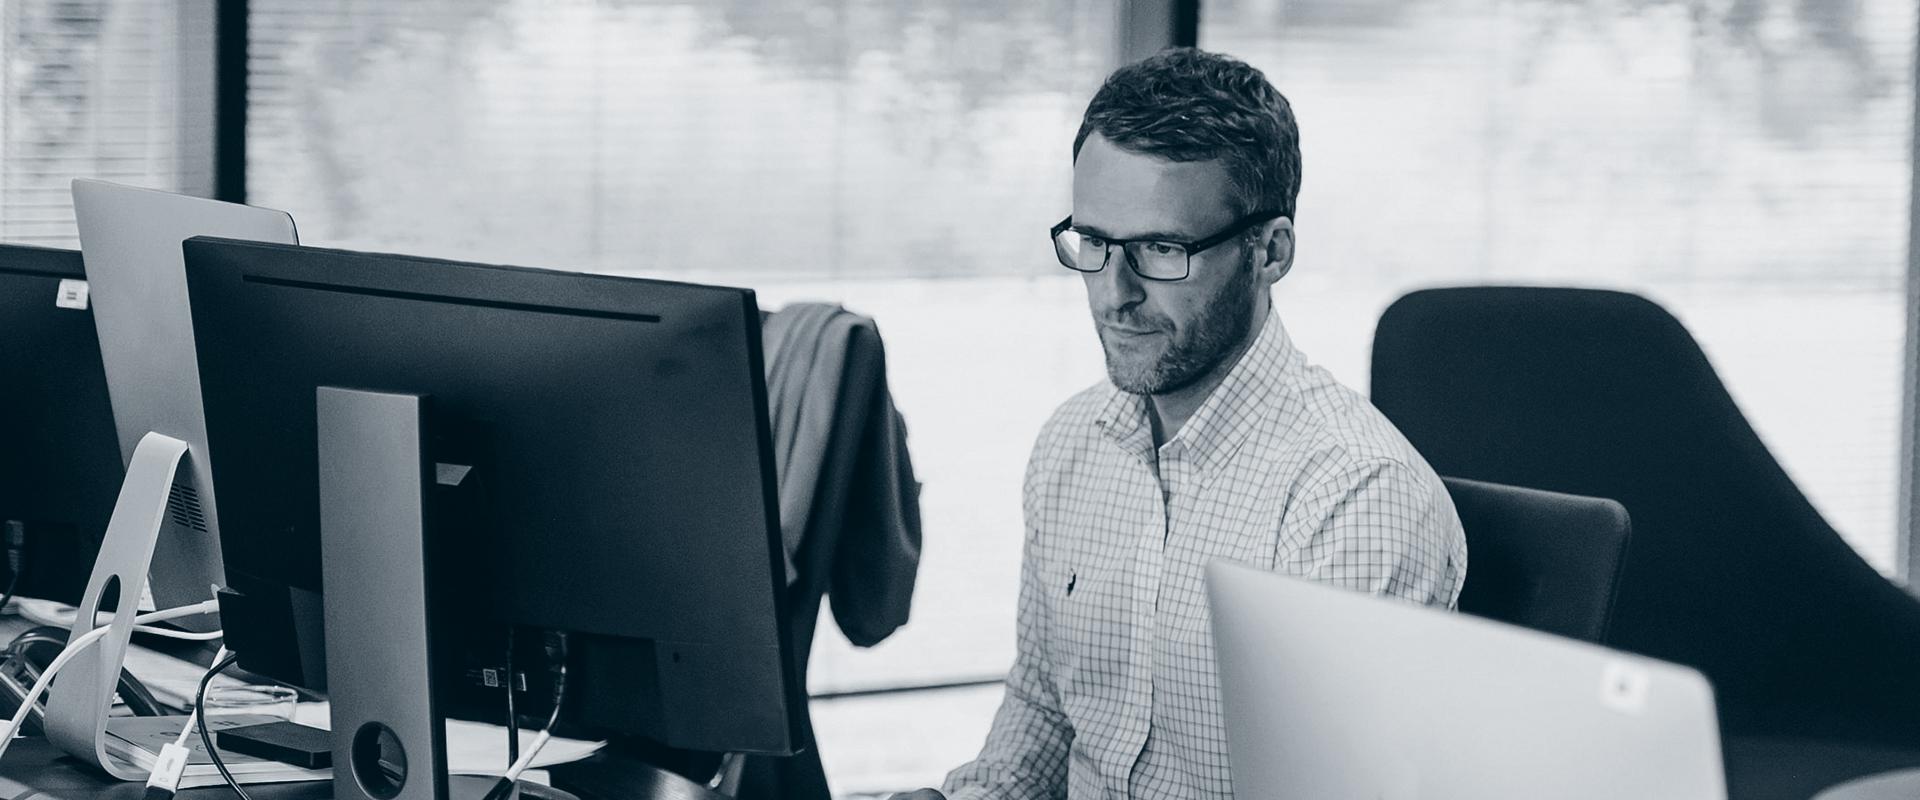 Konsentrert mann sitter foran PC.